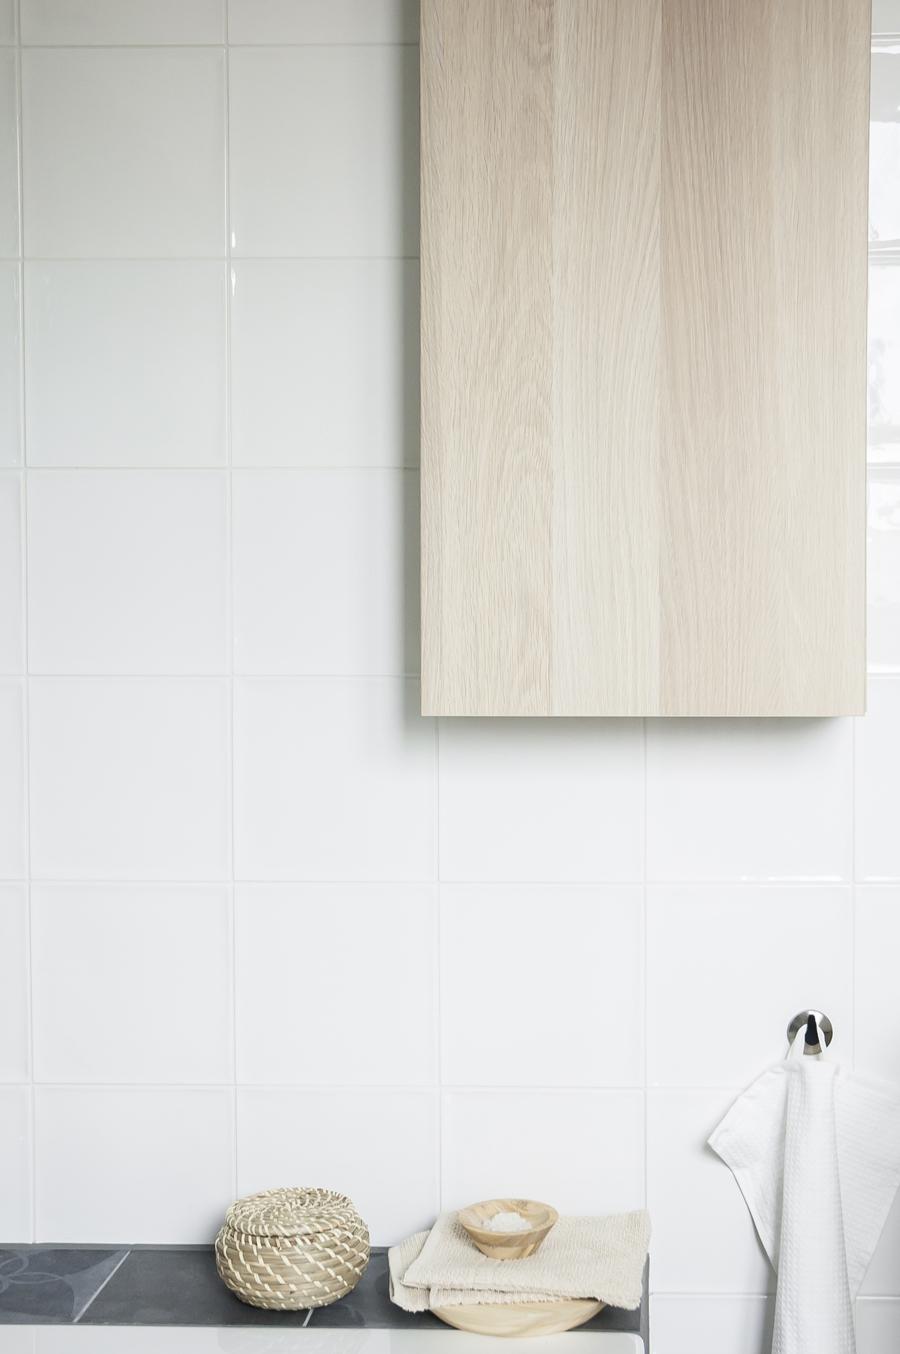 IKEA-bathroom-styling-aprilandmay-2